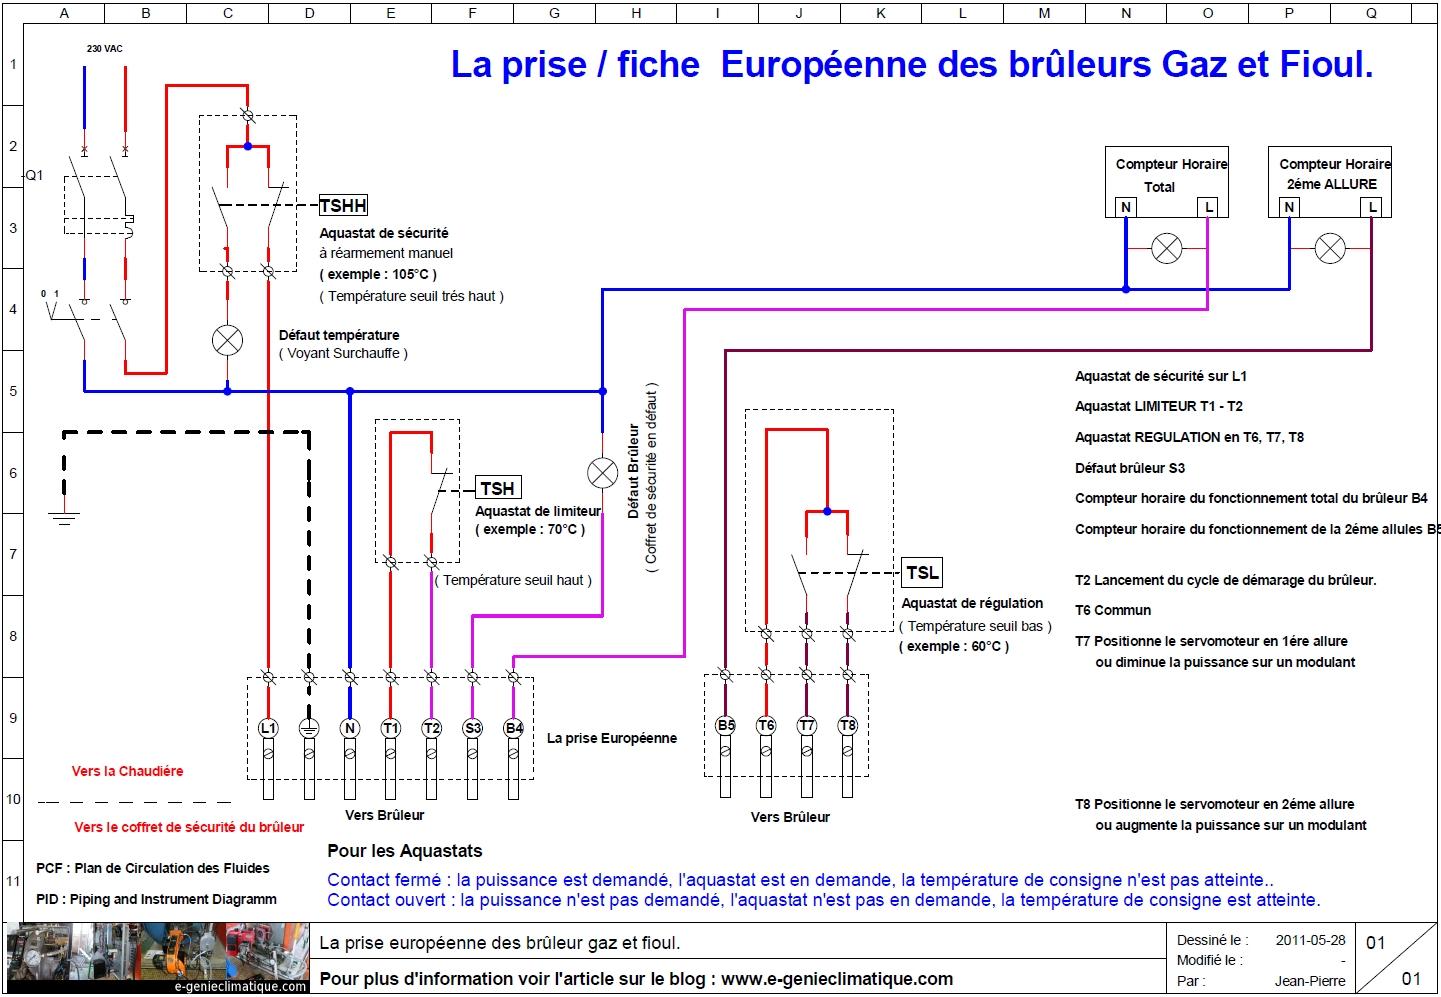 BG03 Comprhension De La Fiche Europenne Des Brleurs Gaz